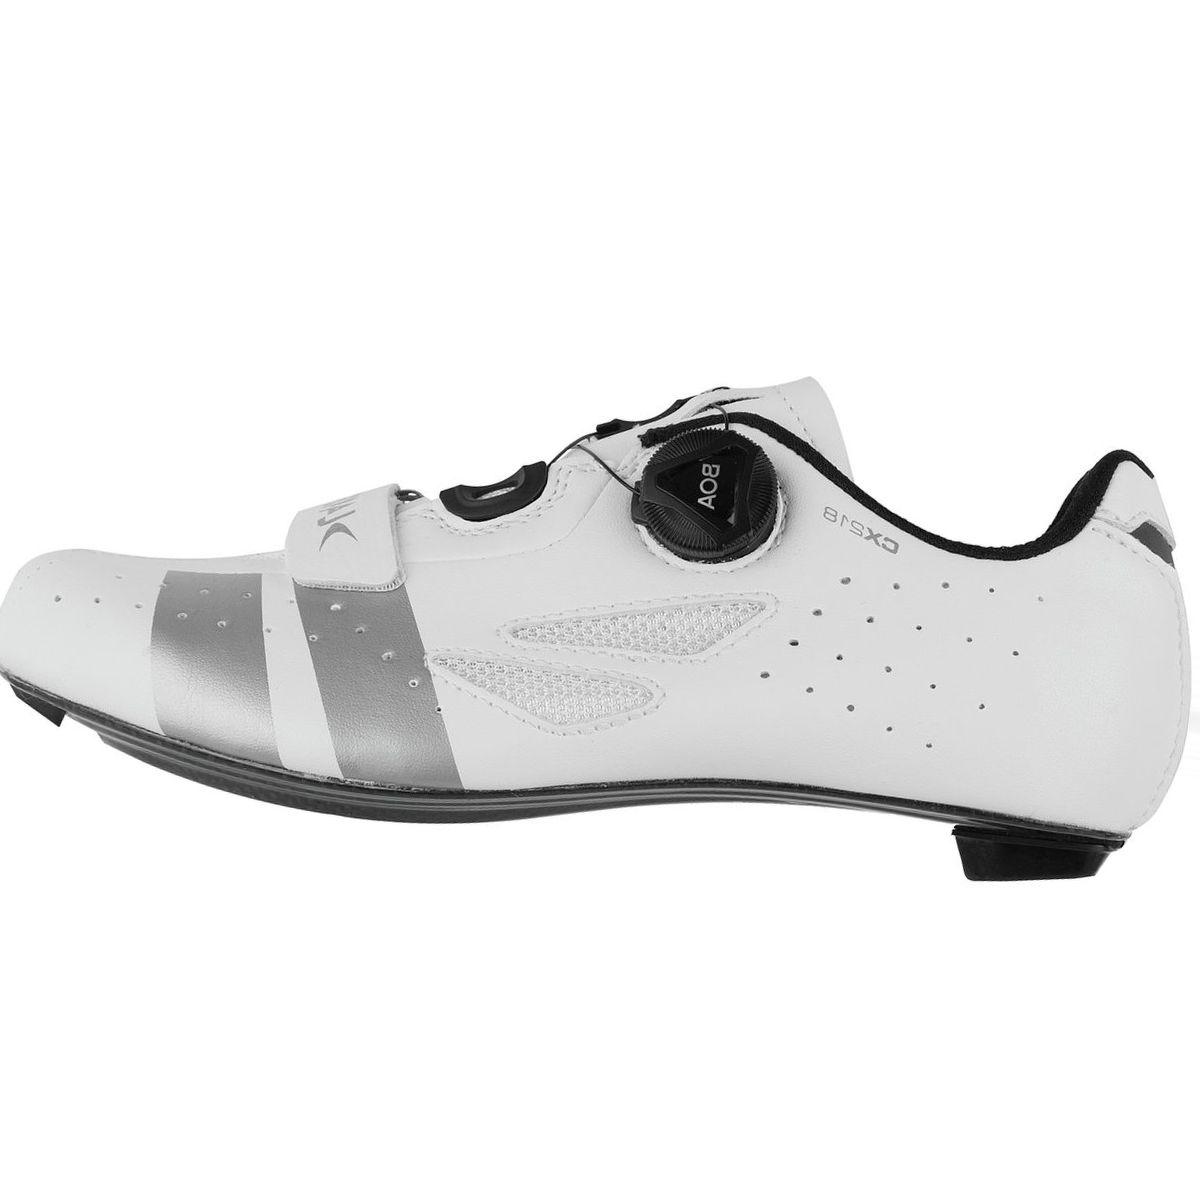 Lake CX218 Black//White Cycling Road Shoes Choose Size US Men/'s 9 10 11 or 12